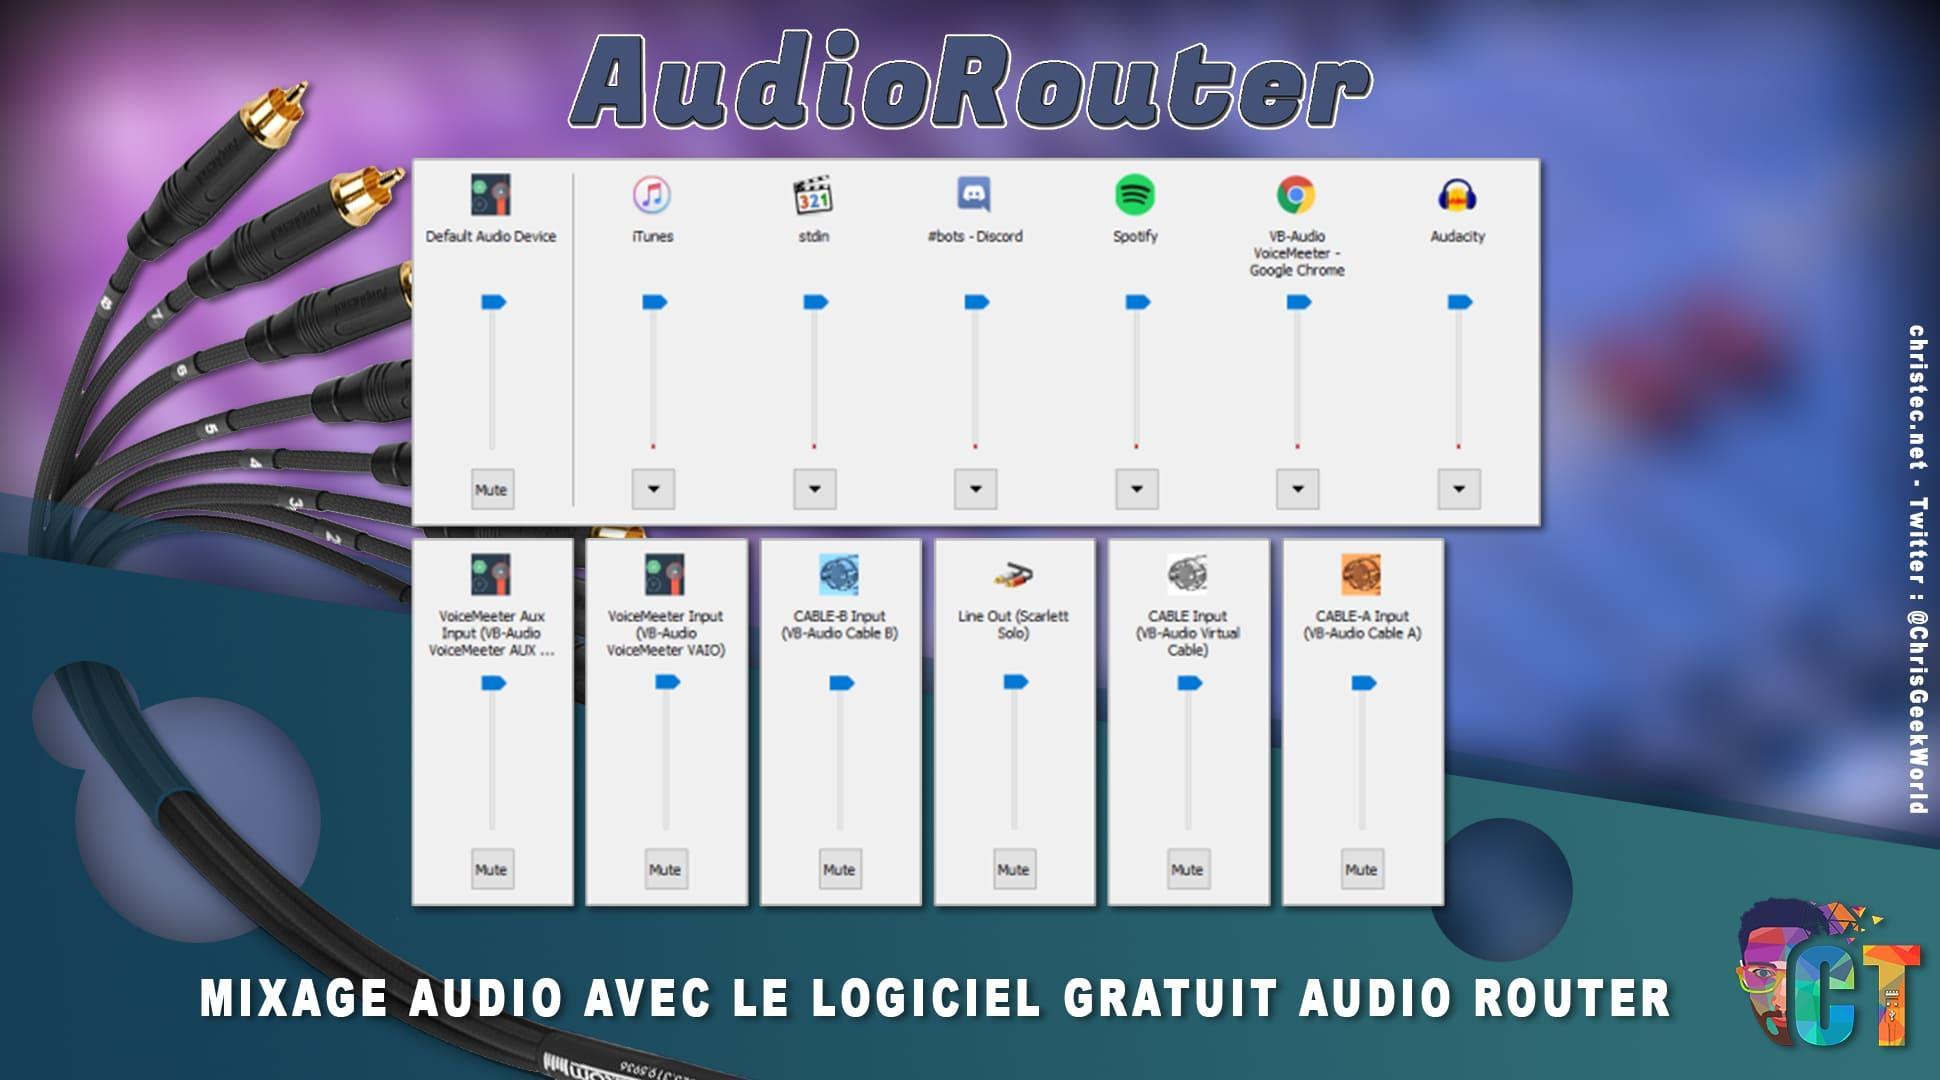 mixage audio avec le logiciel gratuit audio router parfait pour le streaming. Black Bedroom Furniture Sets. Home Design Ideas